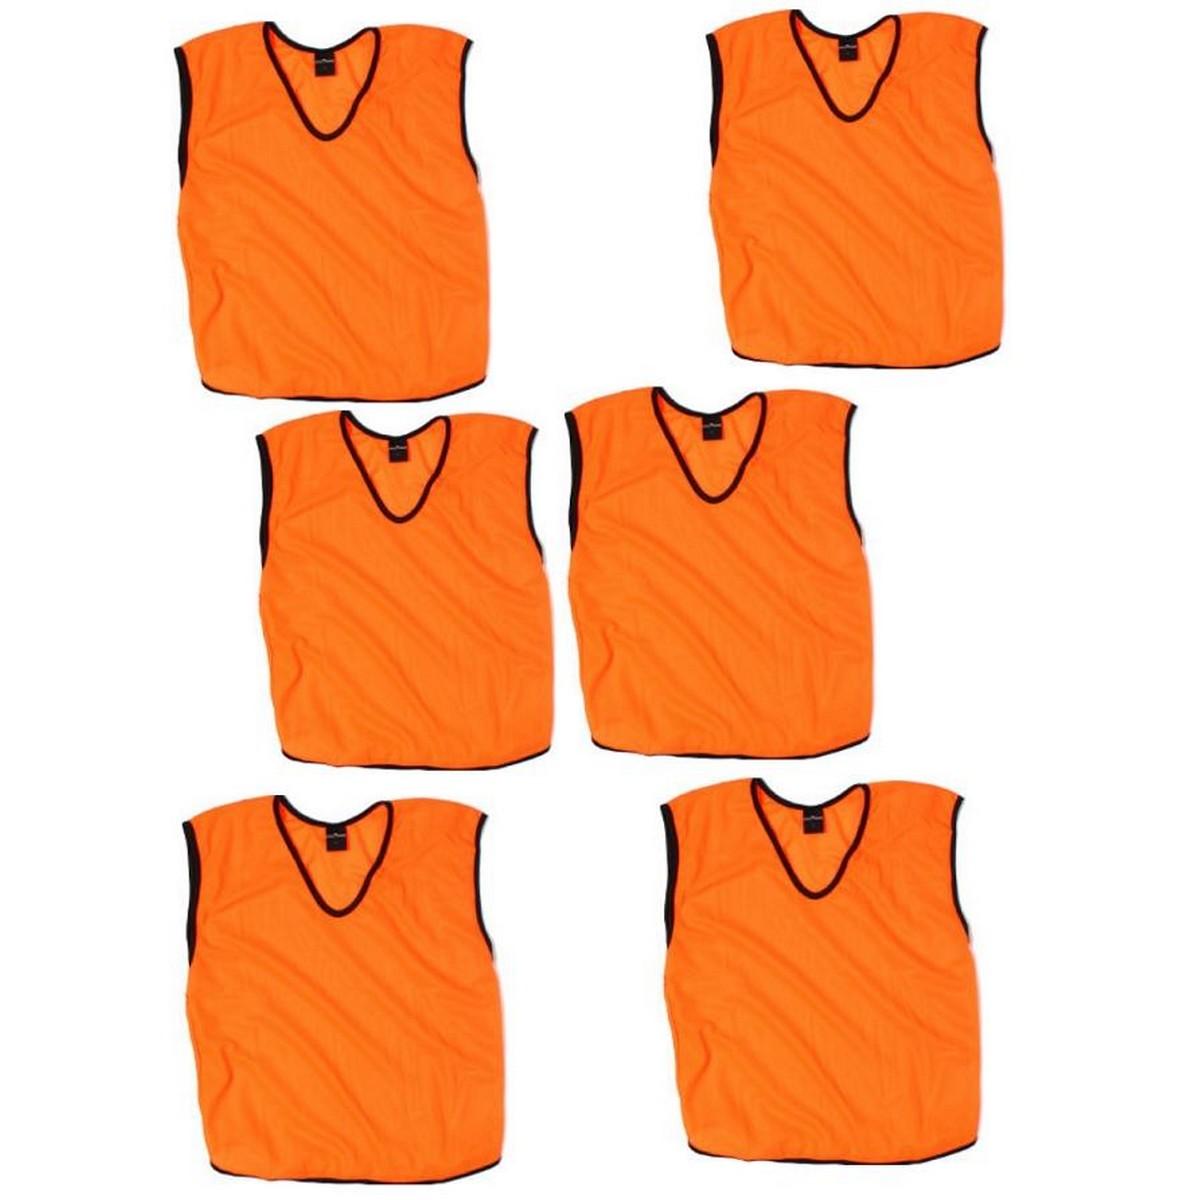 Pack of 6 - Vest in Mesh For Football Training - Orange